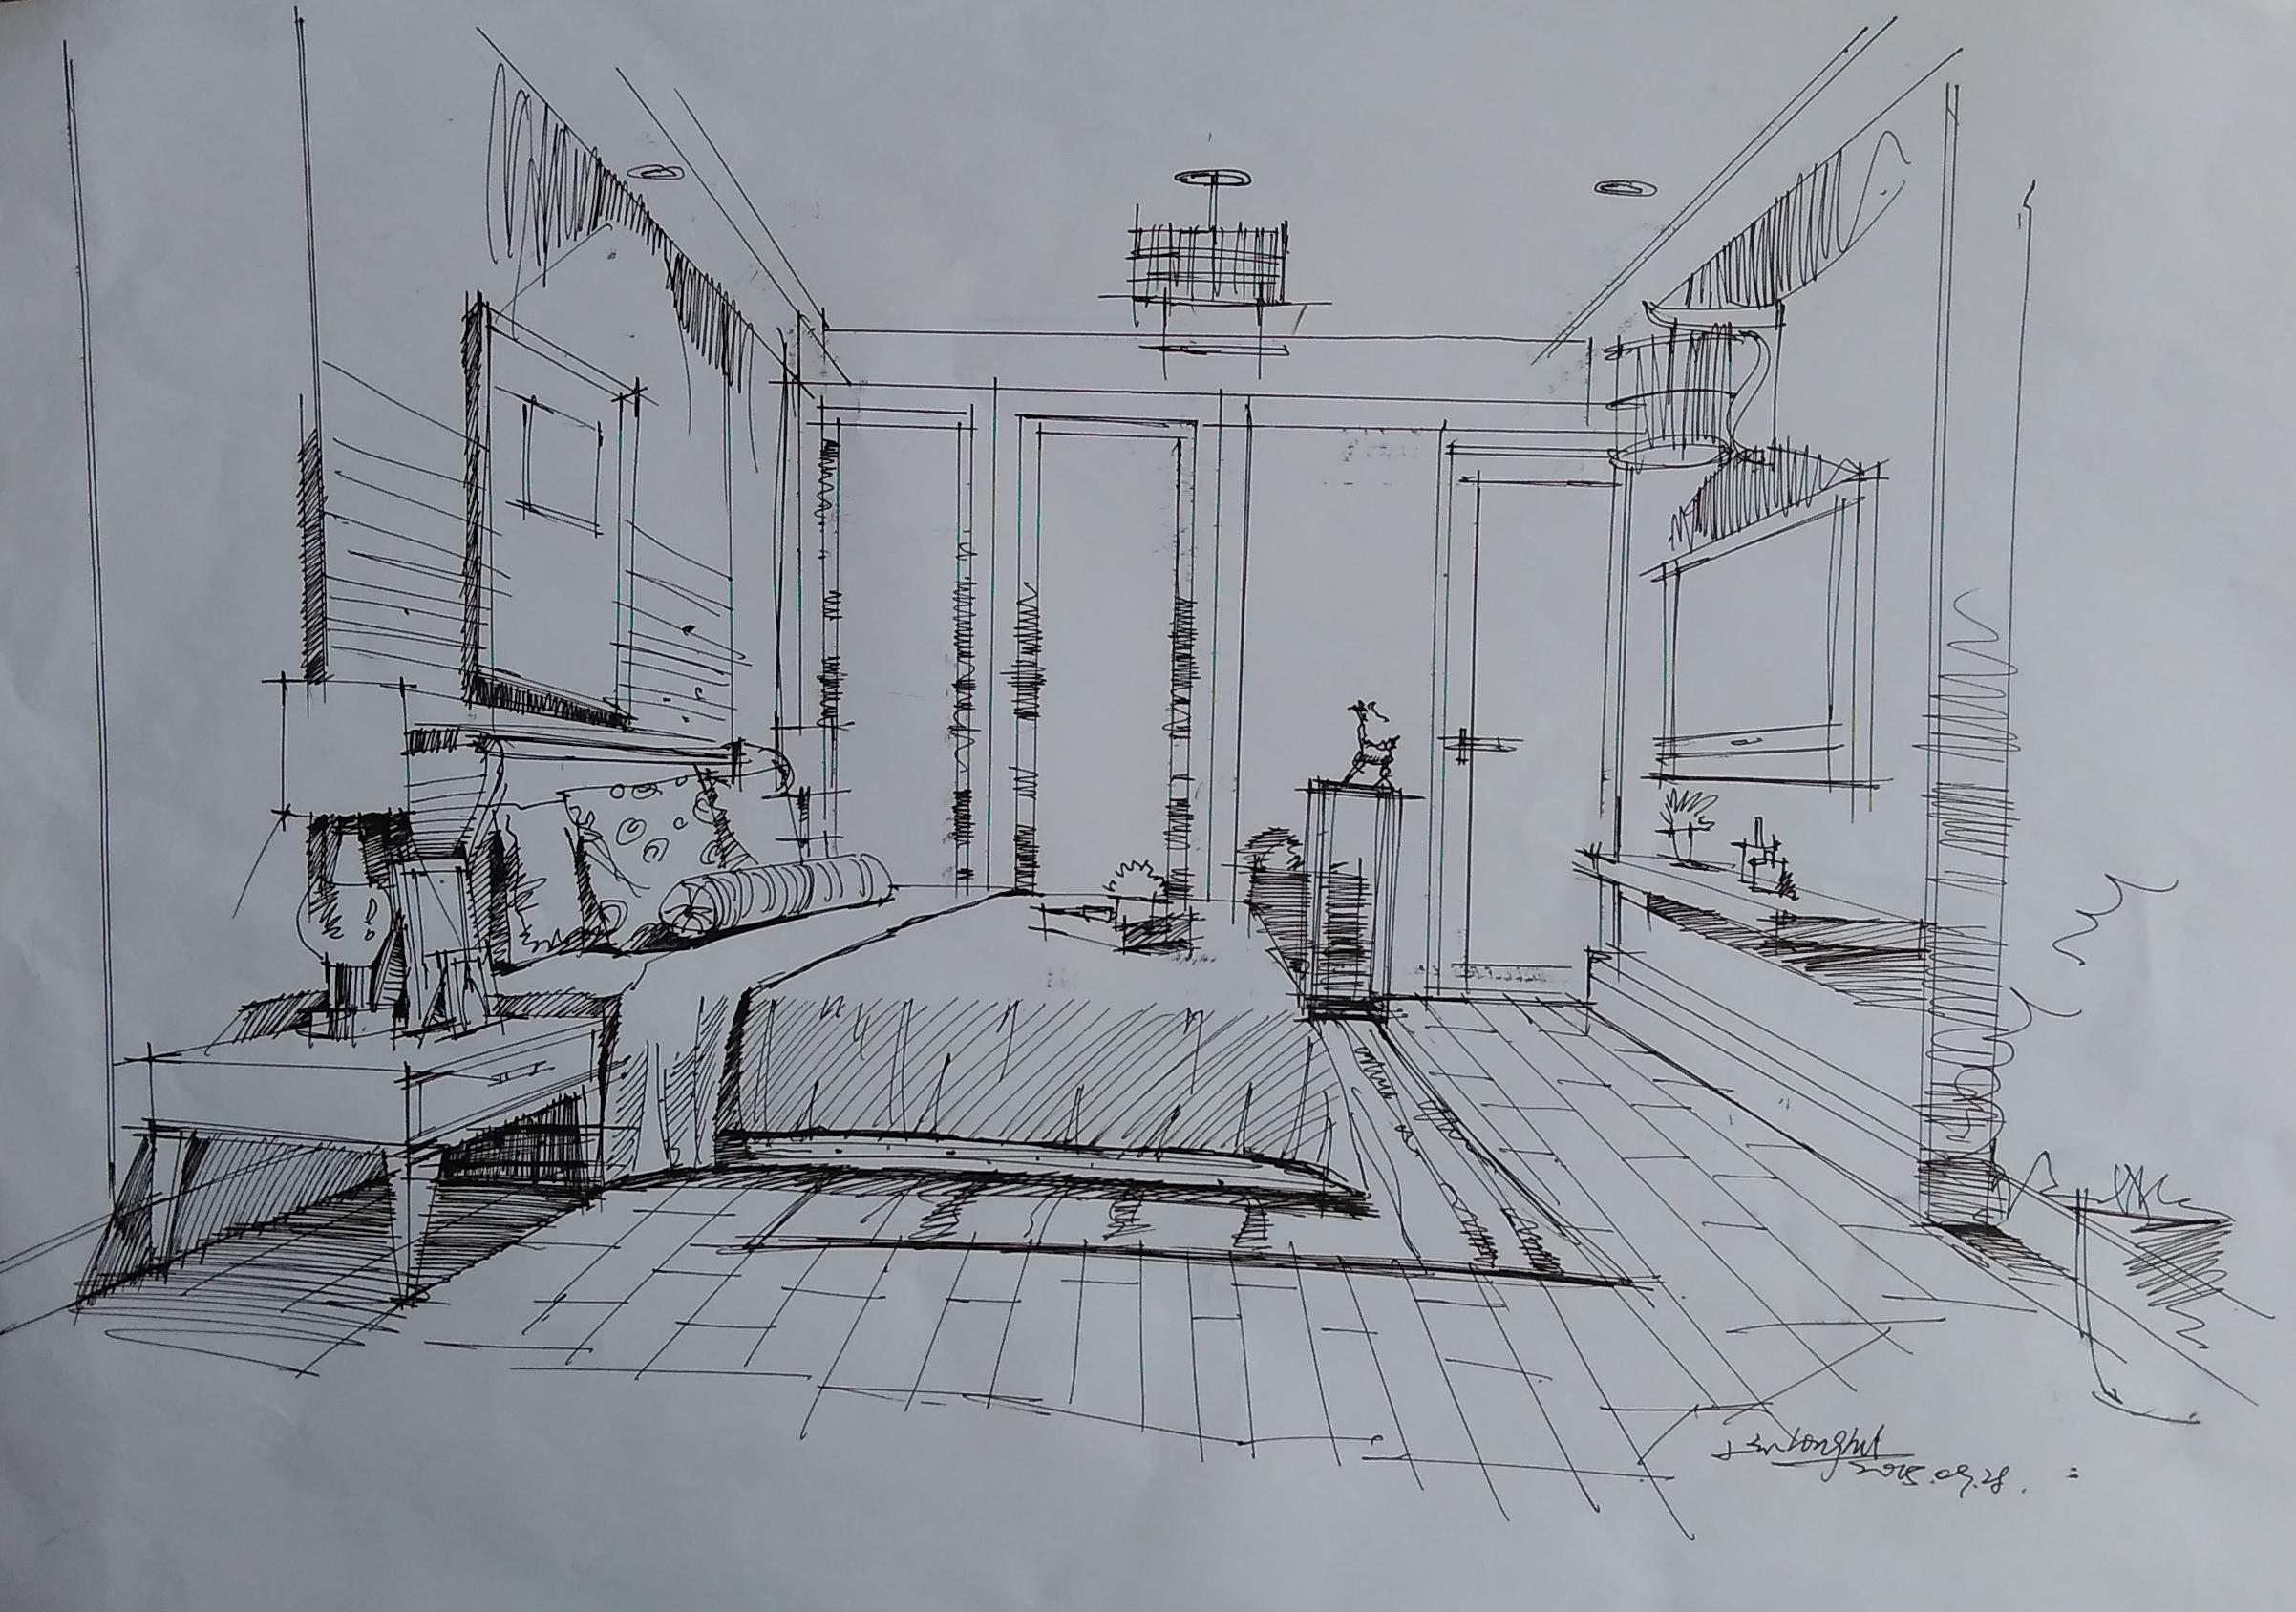 室内手绘草稿